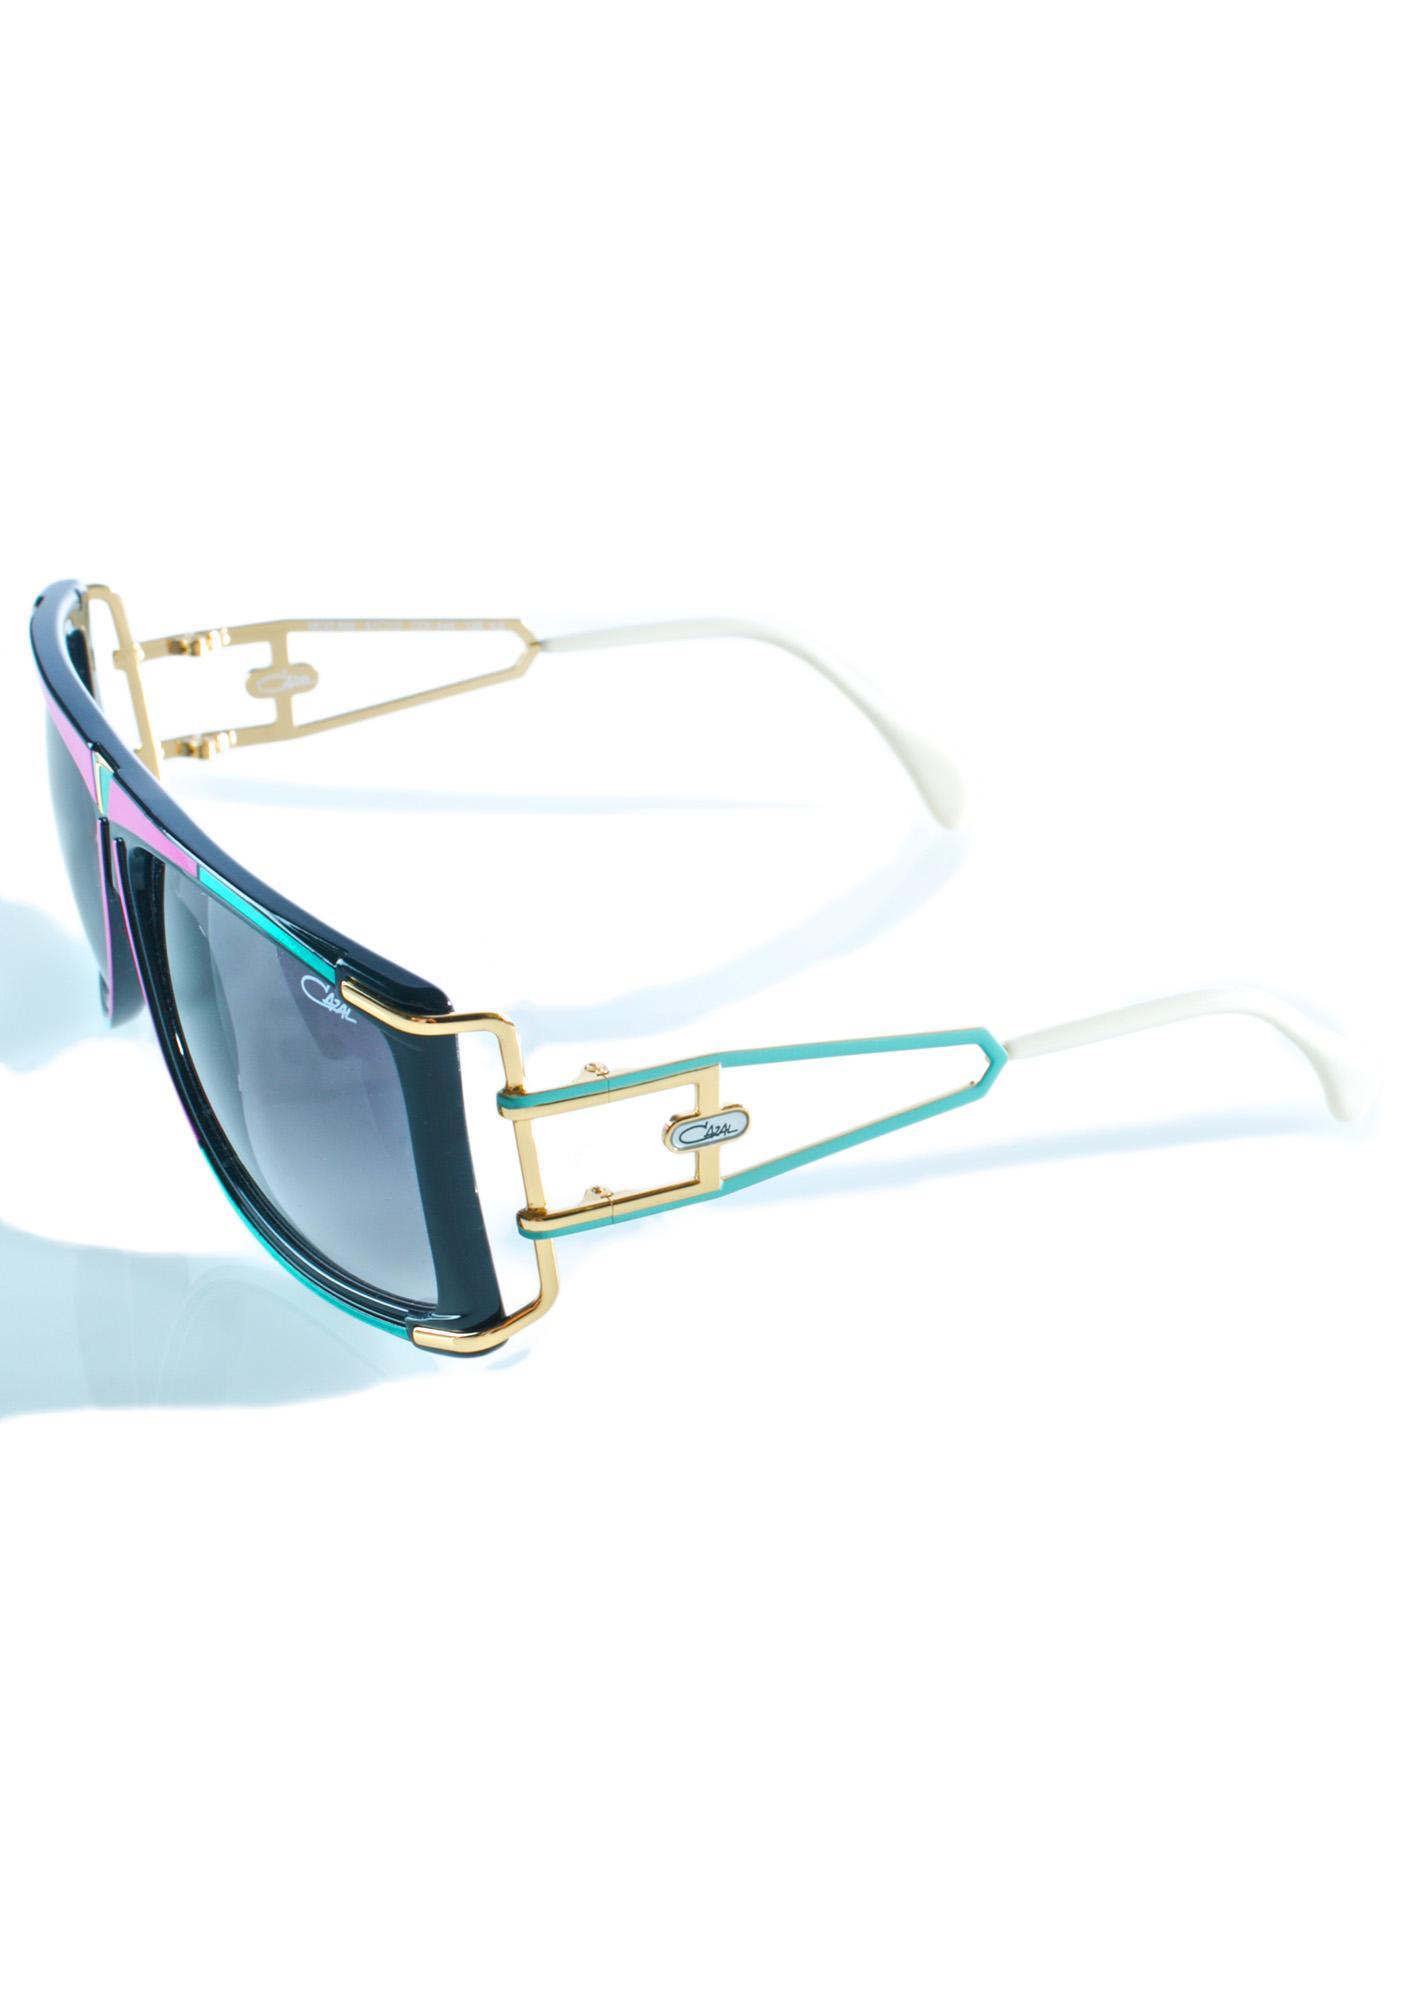 Cazal Vintage 866 Sunglasses